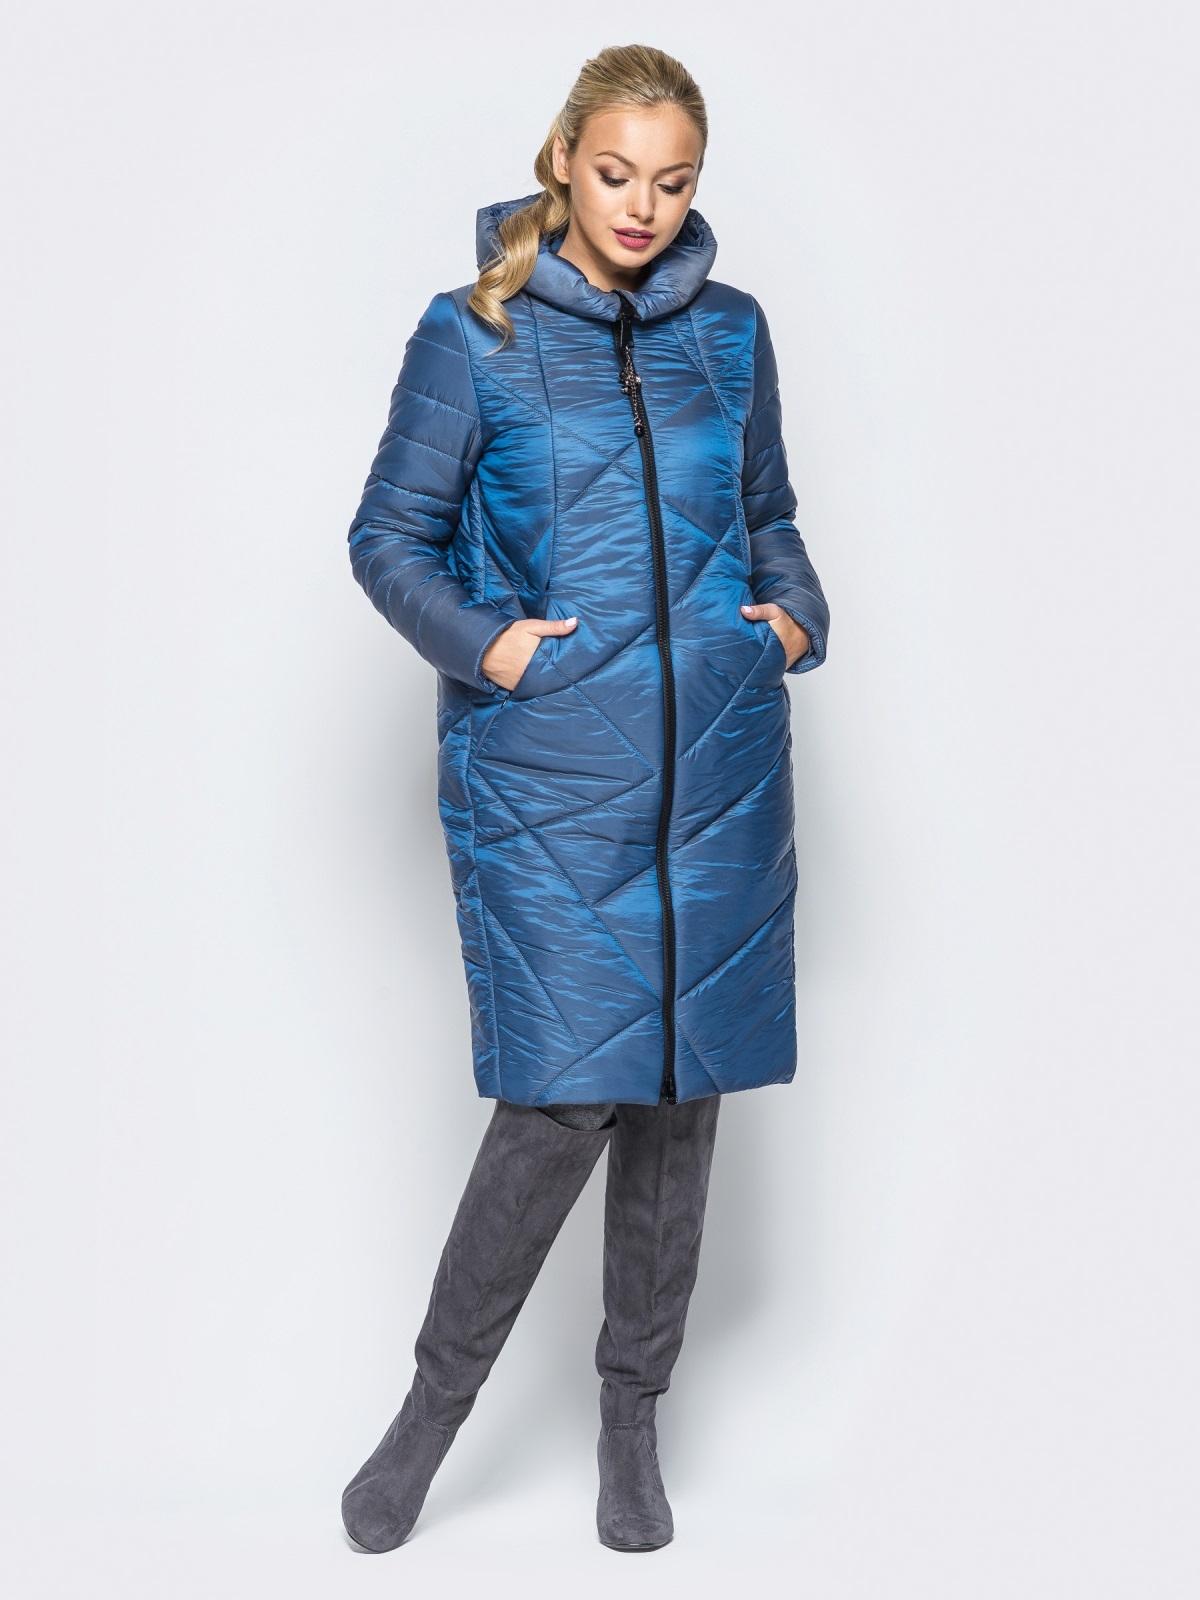 Зимняя куртка синего цвета с кулиской на капюшоне - 16988, фото 1 – интернет-магазин Dressa